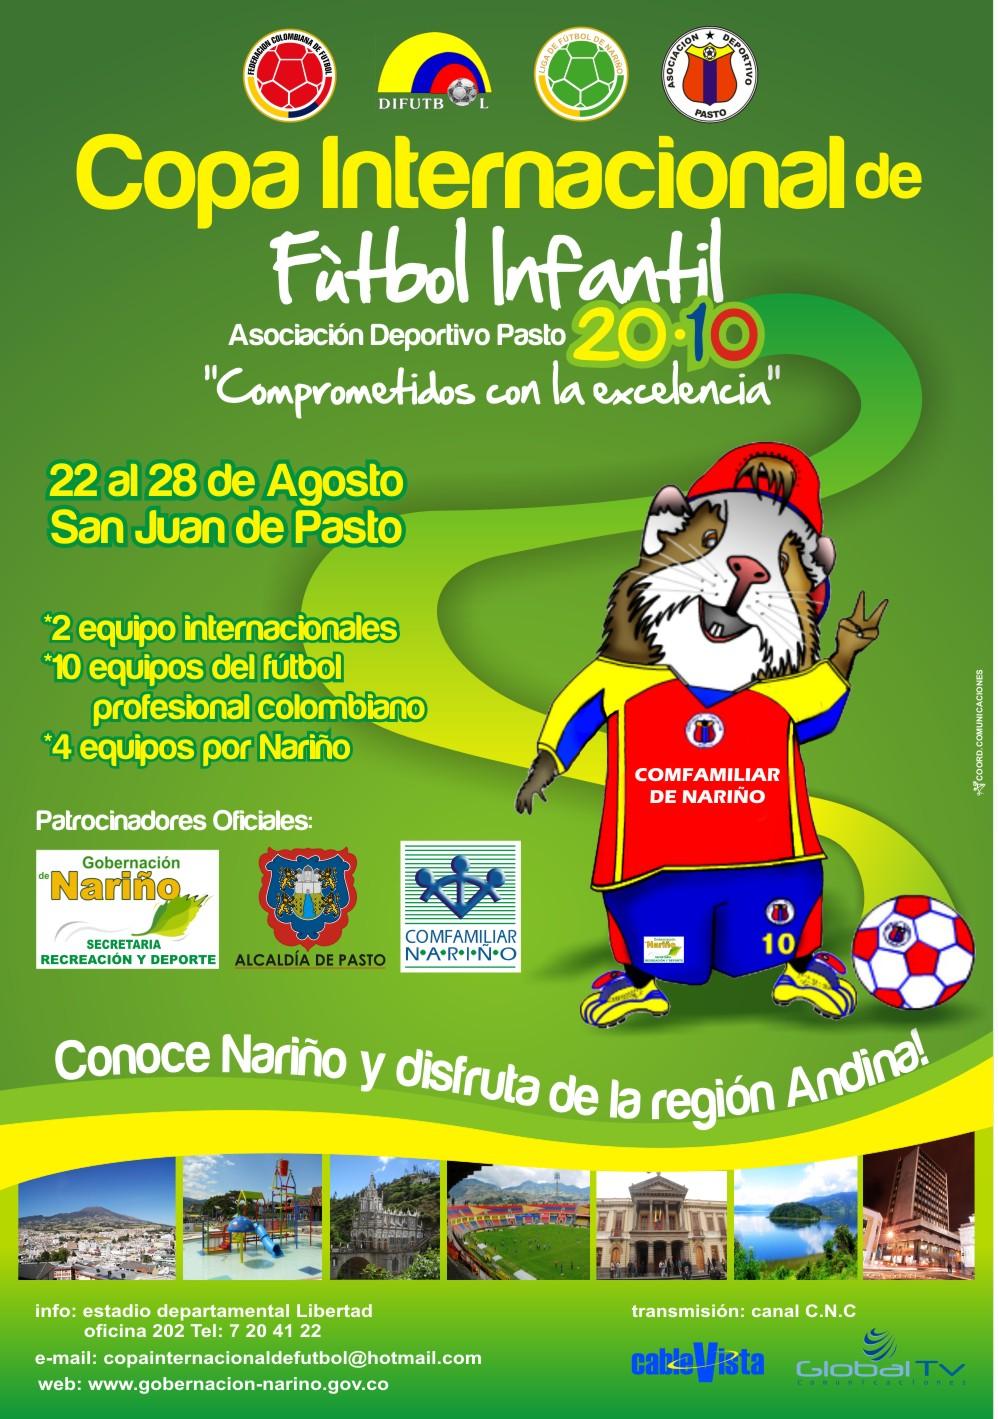 COPA INTERNACIONAL DE FUTBOL INFANTIL